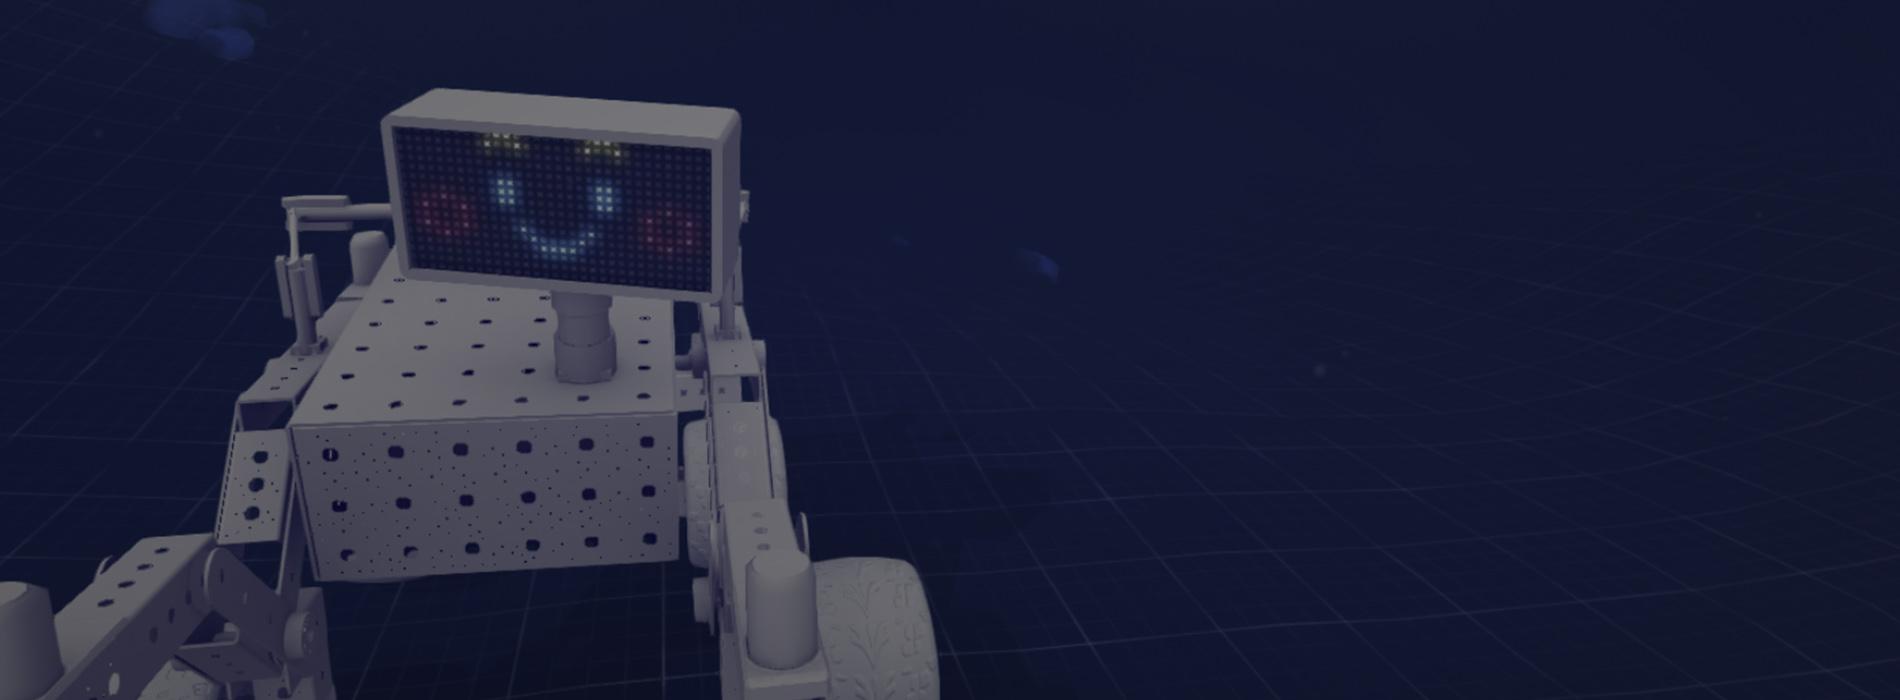 JPL's Open Source Rover